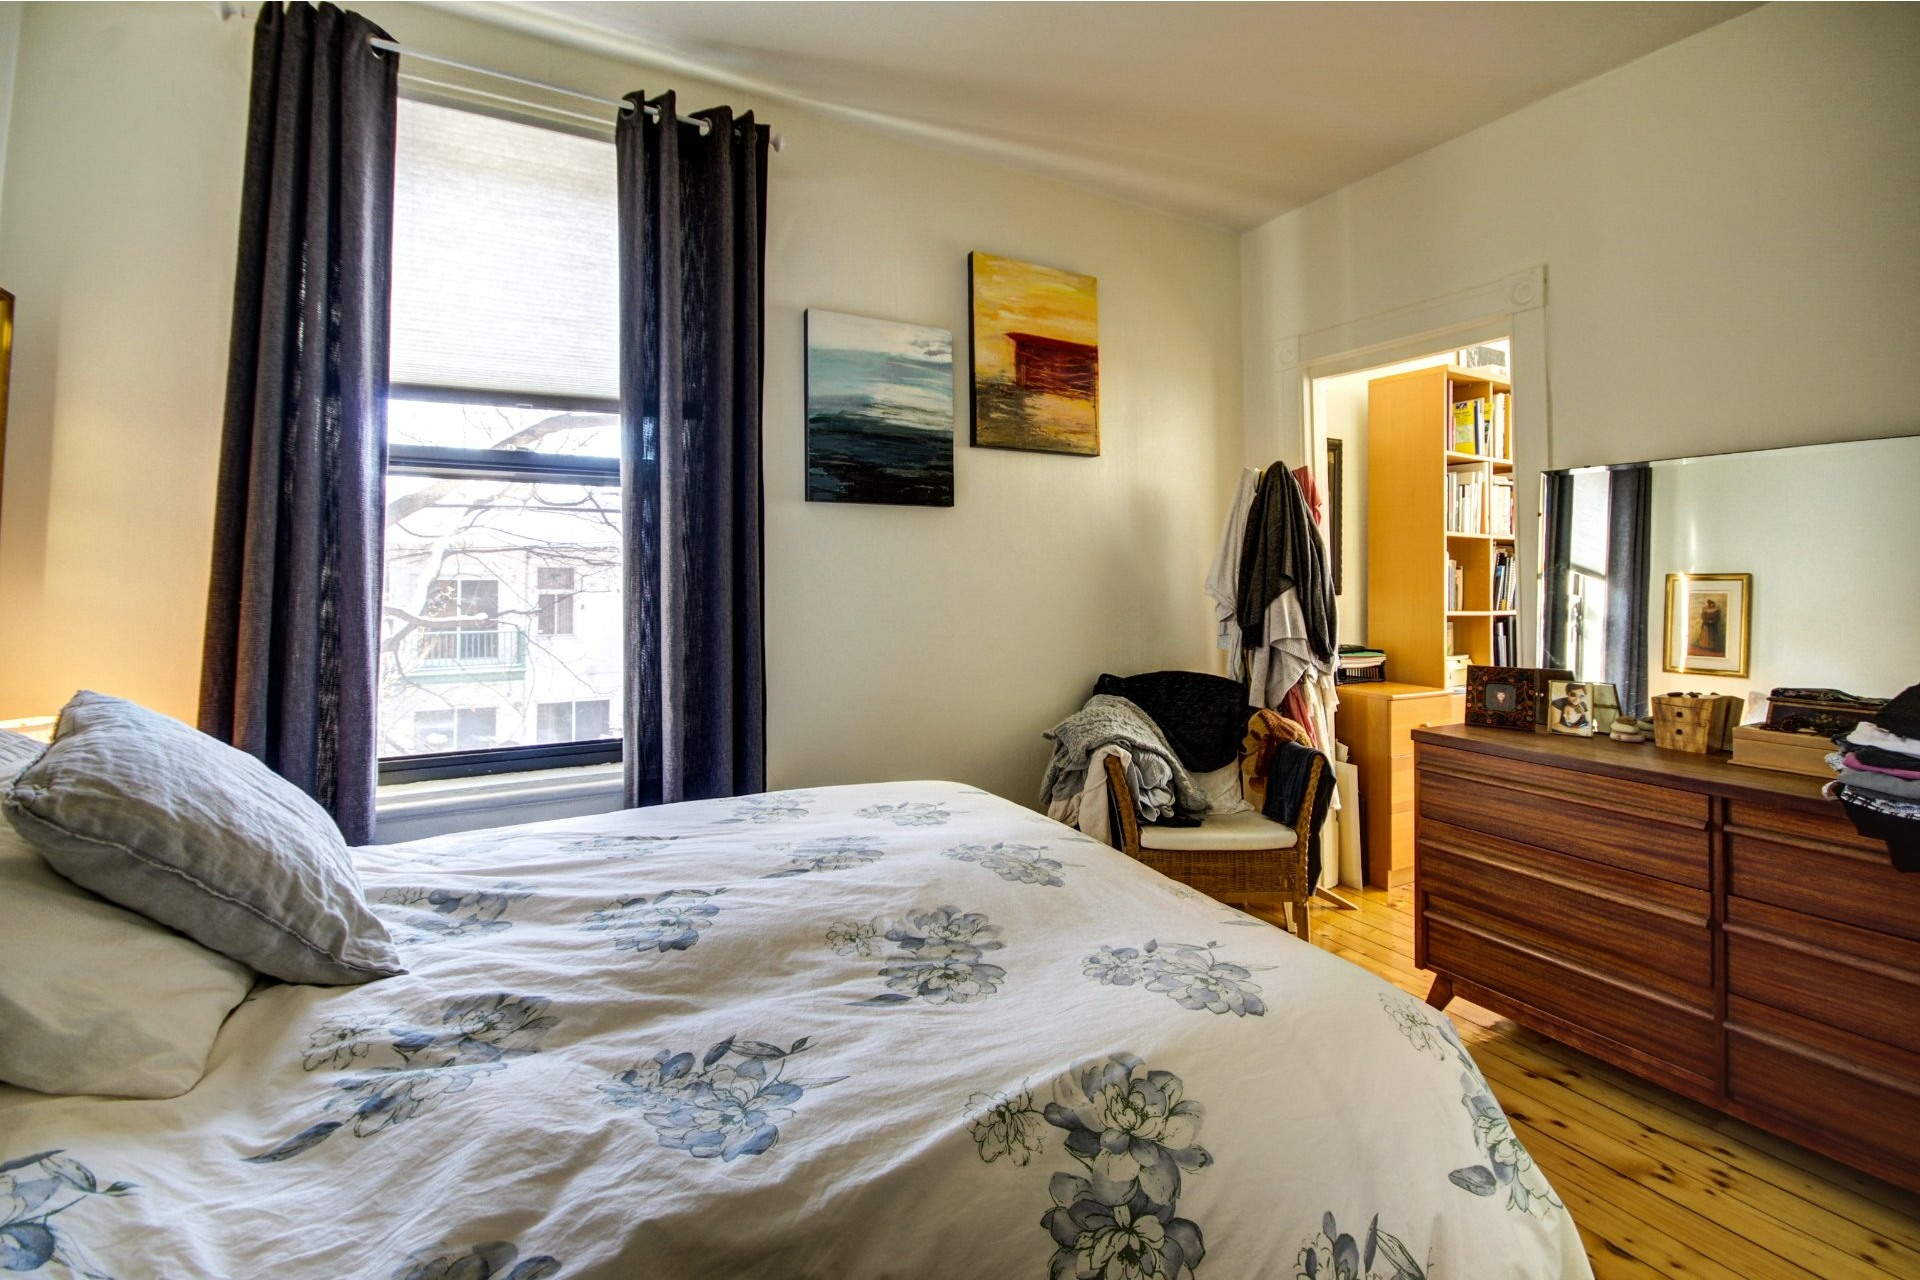 image 10 - Immeuble à revenus À vendre Montréal Le Plateau-Mont-Royal  - 5 pièces